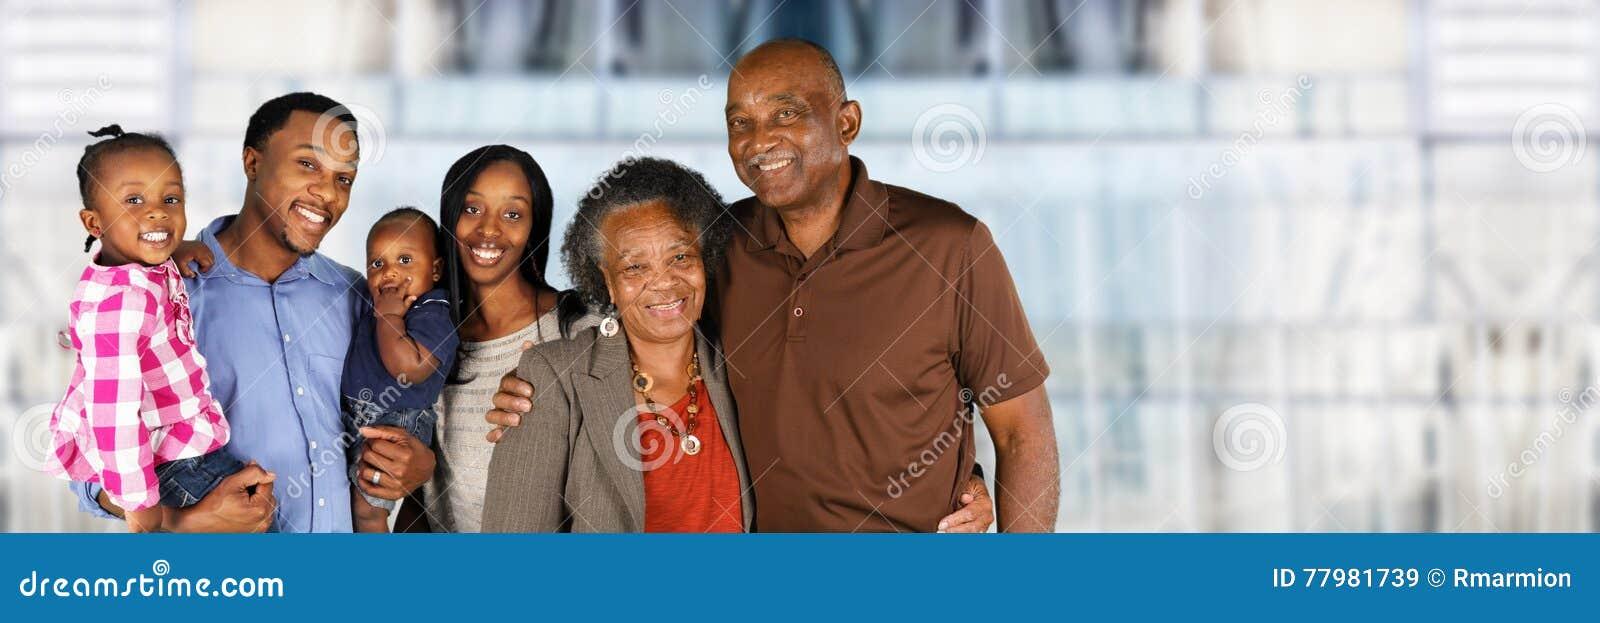 Pareja casada mayor con la familia